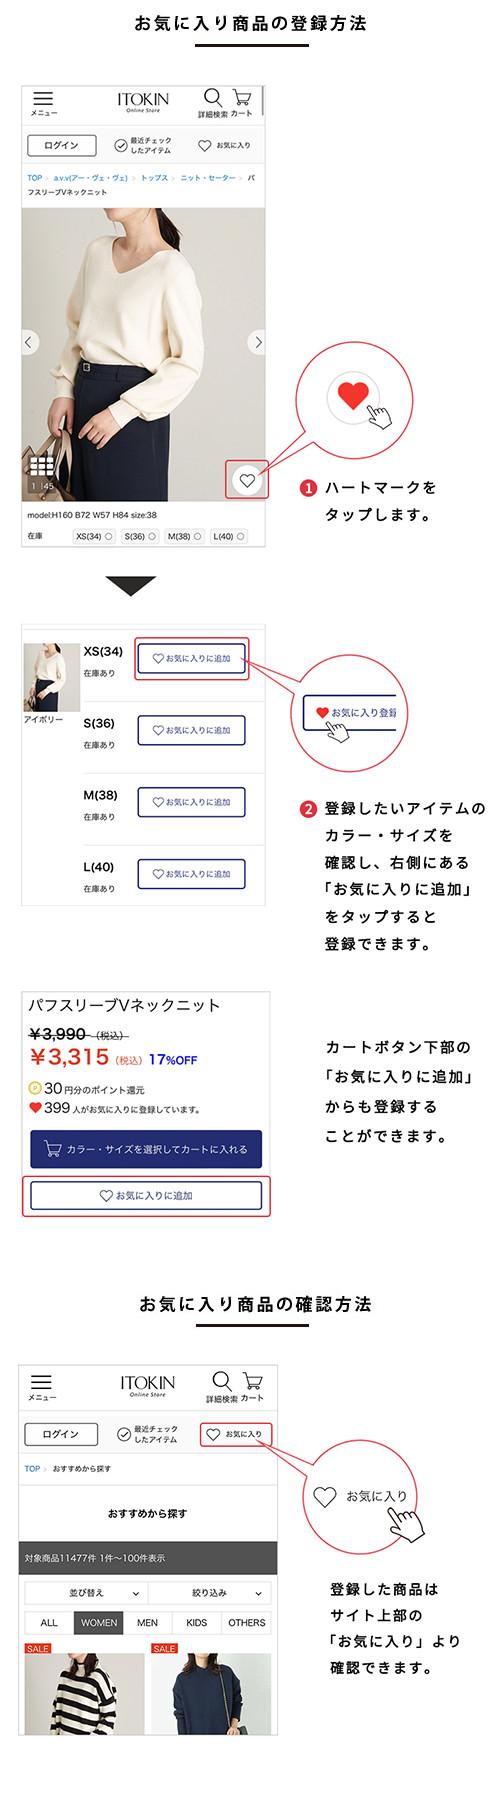 お気に入り商品の登録方法・確認方法